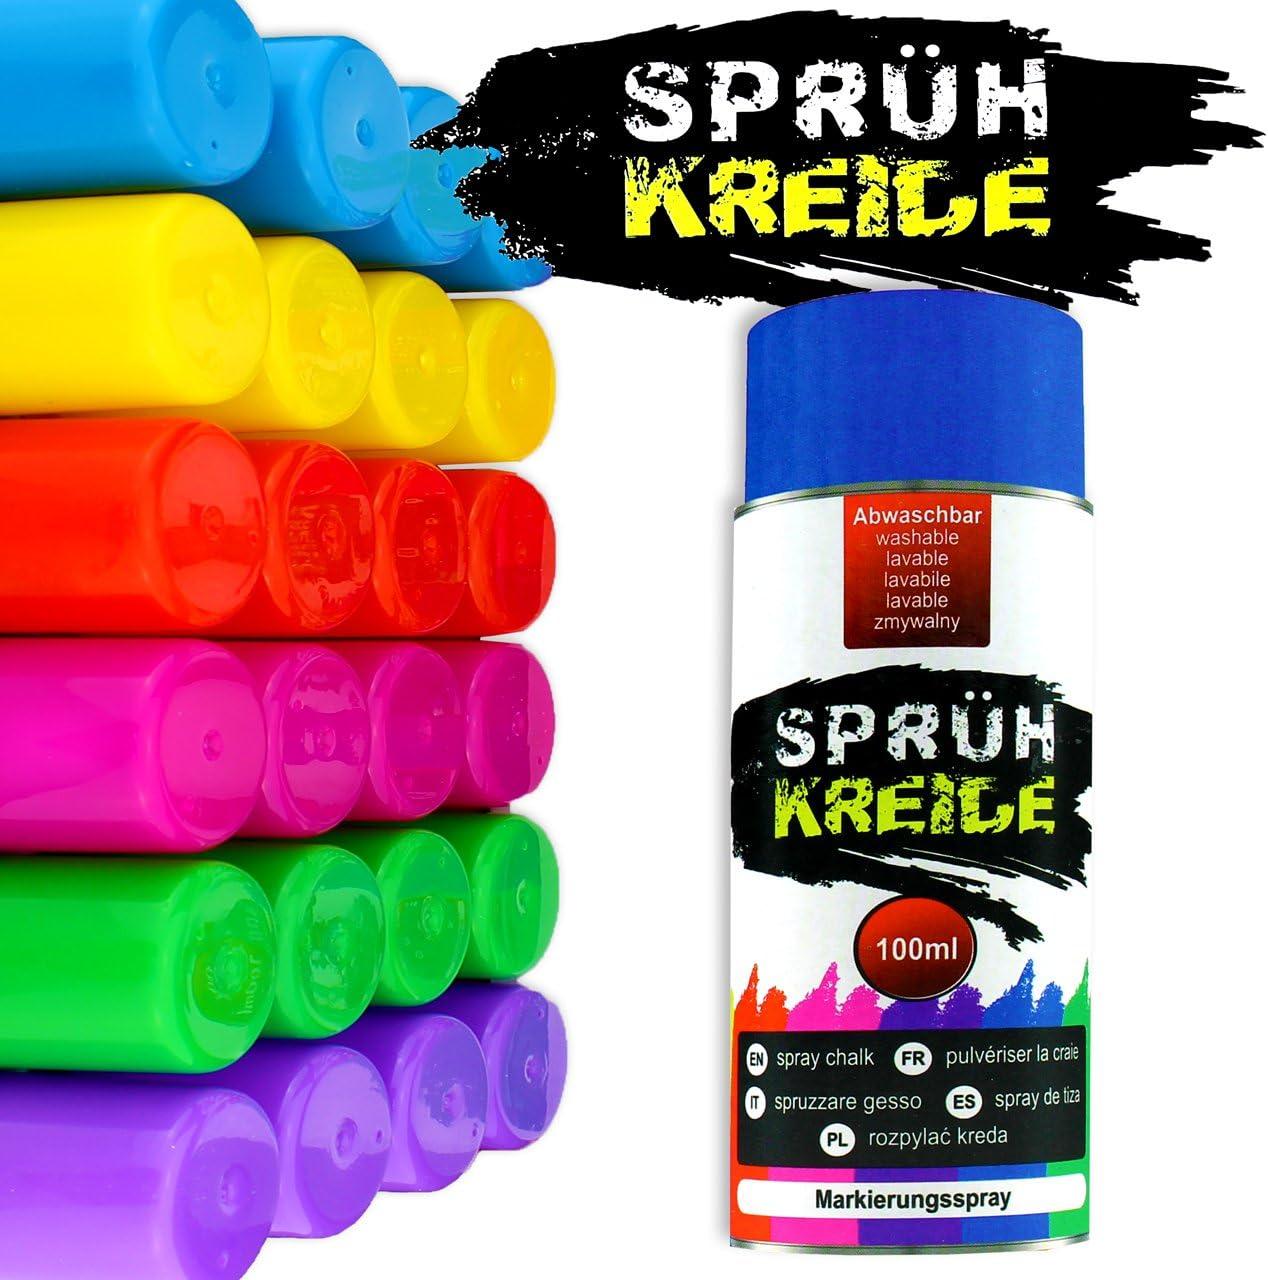 Spray vaporisateur de Craie - marquage Spray de couleur